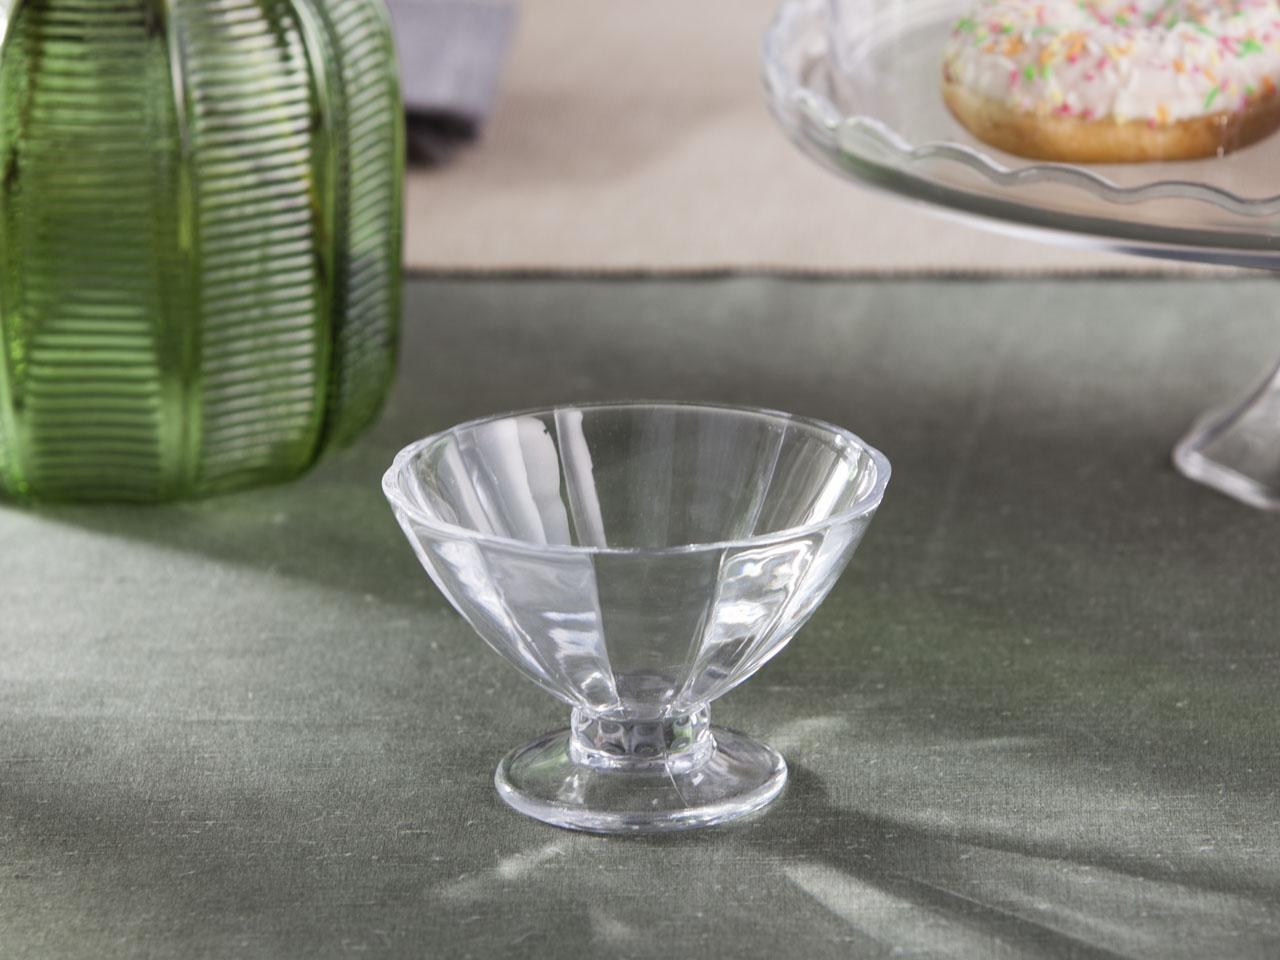 Pucharek / Kielich do lodów i deserów szklany Altom Design 250 ml